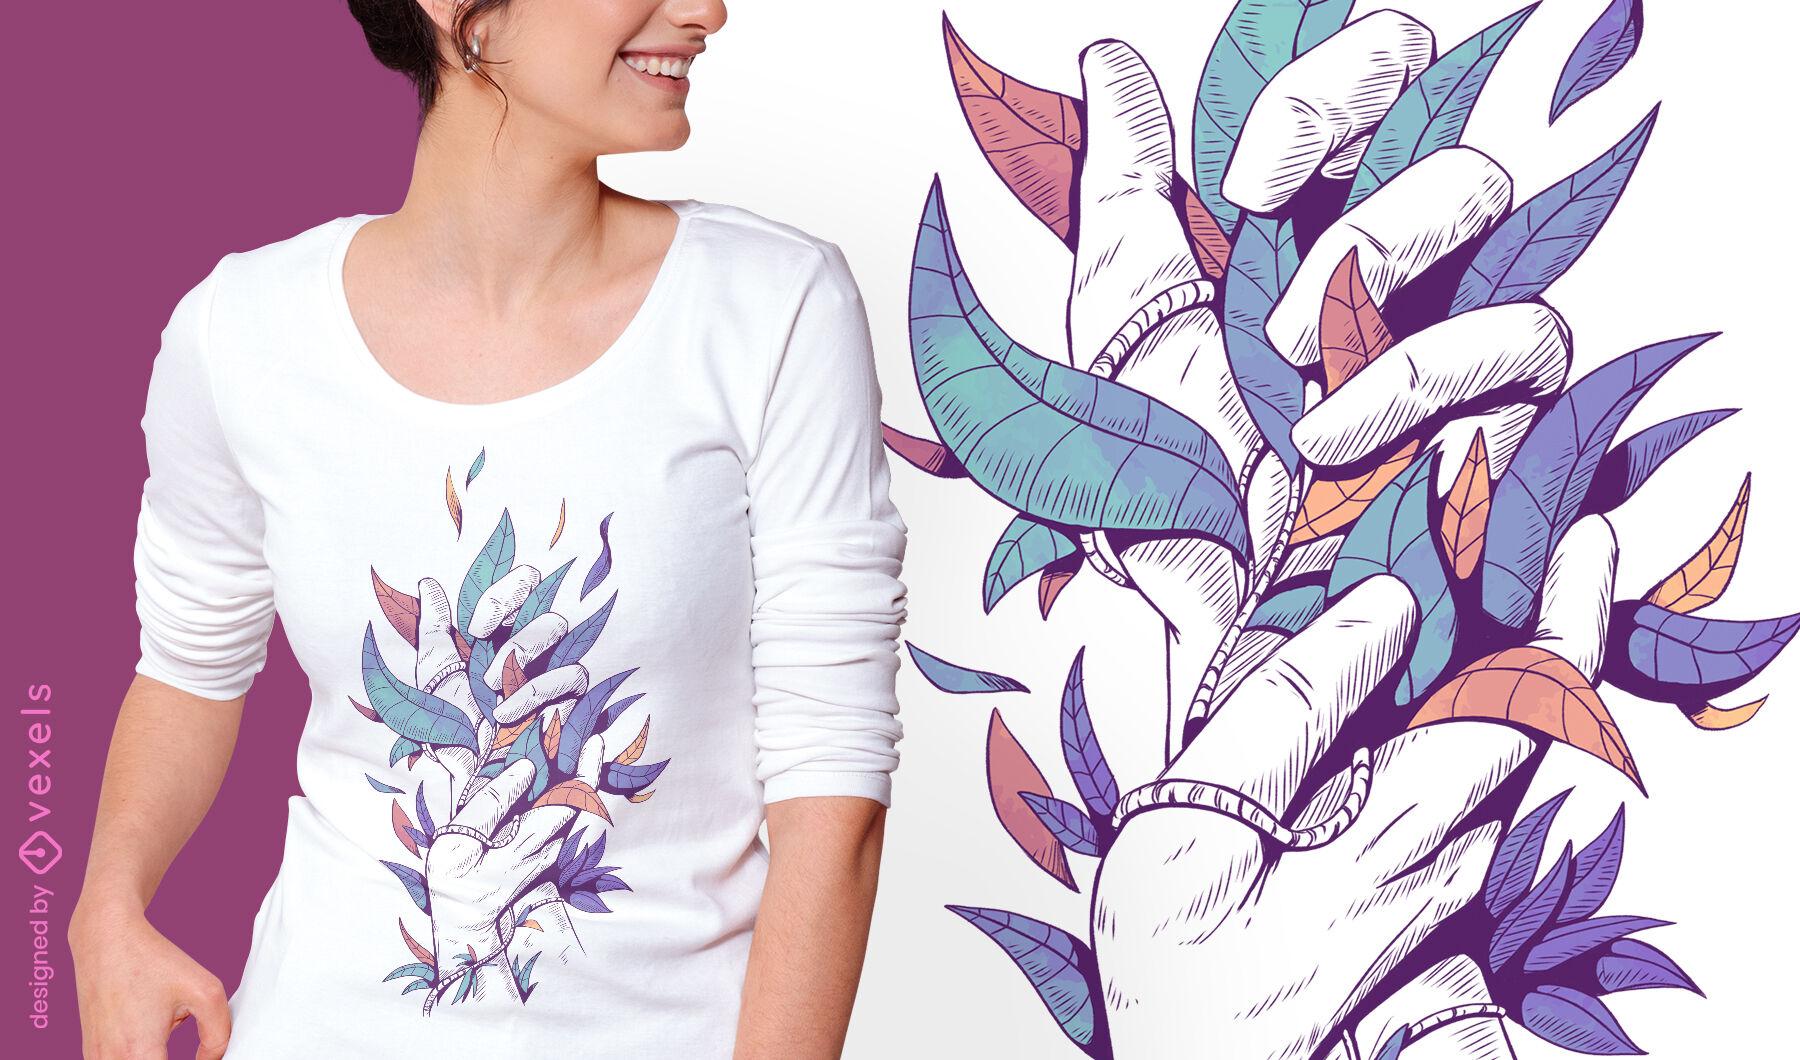 Manos sosteniendo hojas ilustración psd diseño de camiseta